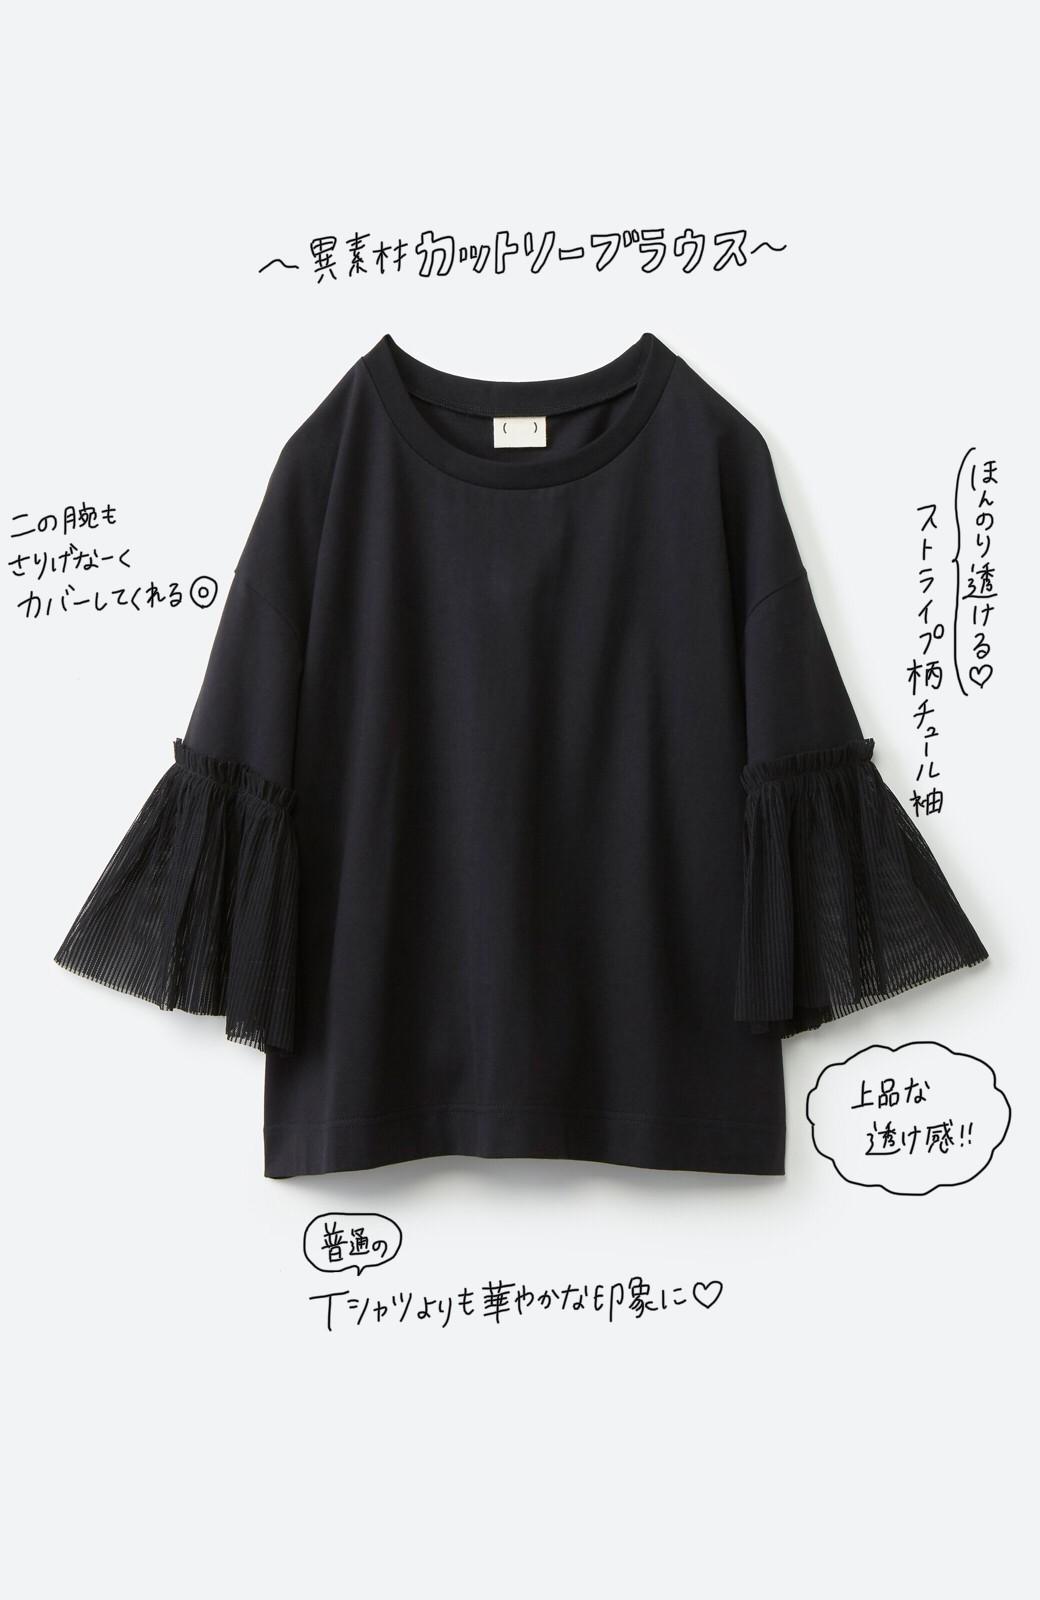 haco! ほんのり透けるストライプ袖が女っぽい 異素材カットソートップス <ブラック>の商品写真3